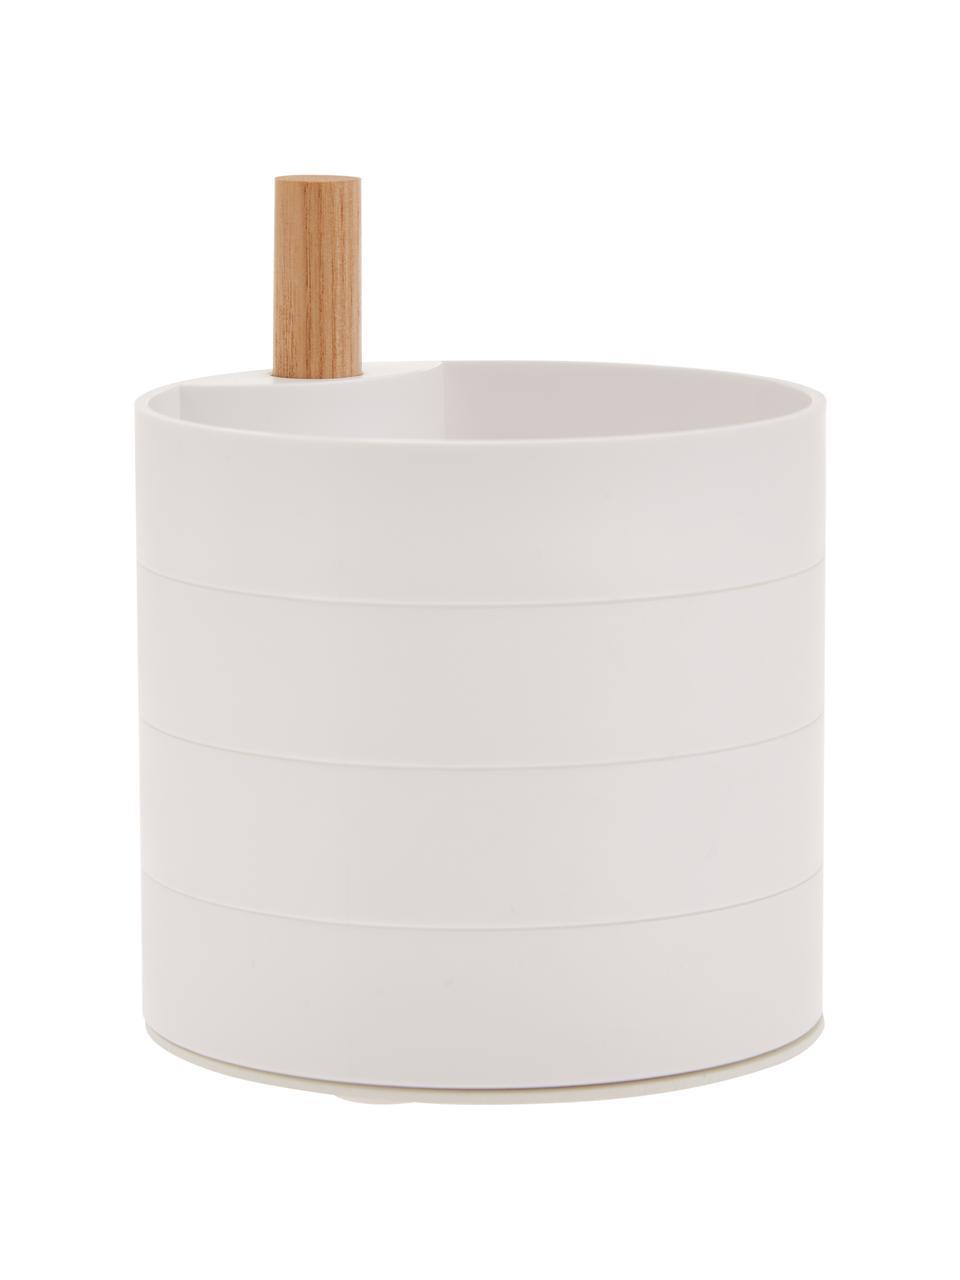 Sieradendoos Tosca, Stang: hout, Wit, bruin, 10 x 12 cm